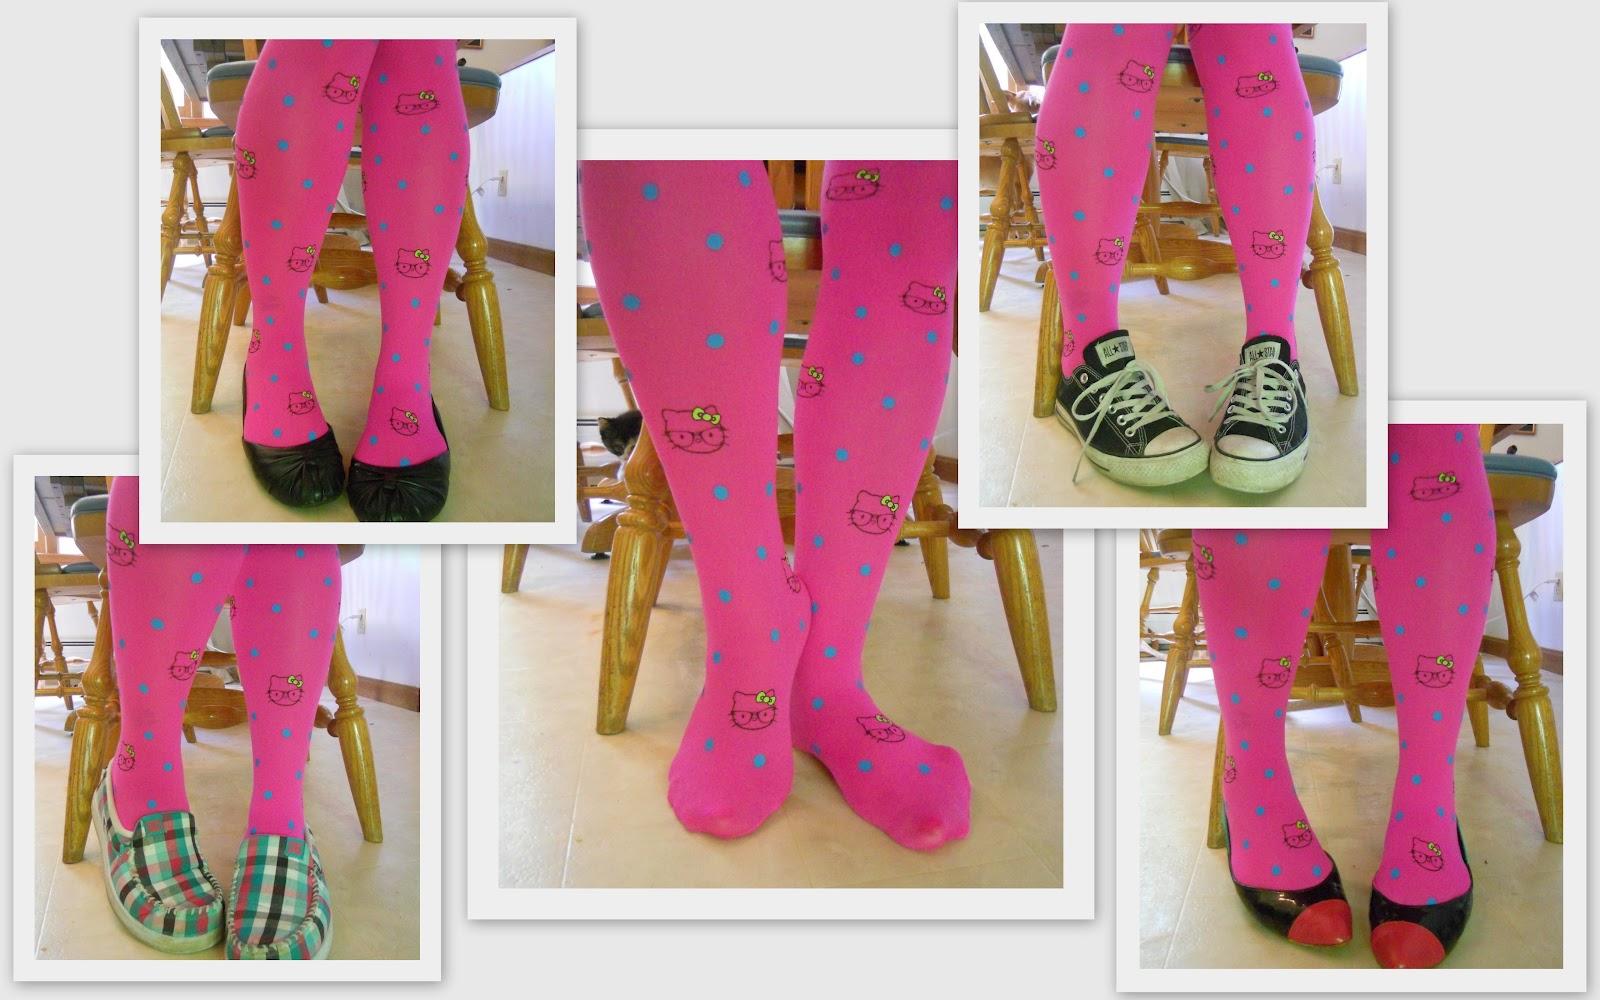 http://2.bp.blogspot.com/-ezxaFuKO2-s/UACnyxucQ_I/AAAAAAAACfk/jLg15sHabWA/s1600/2012-06-16+June+Things.jpg